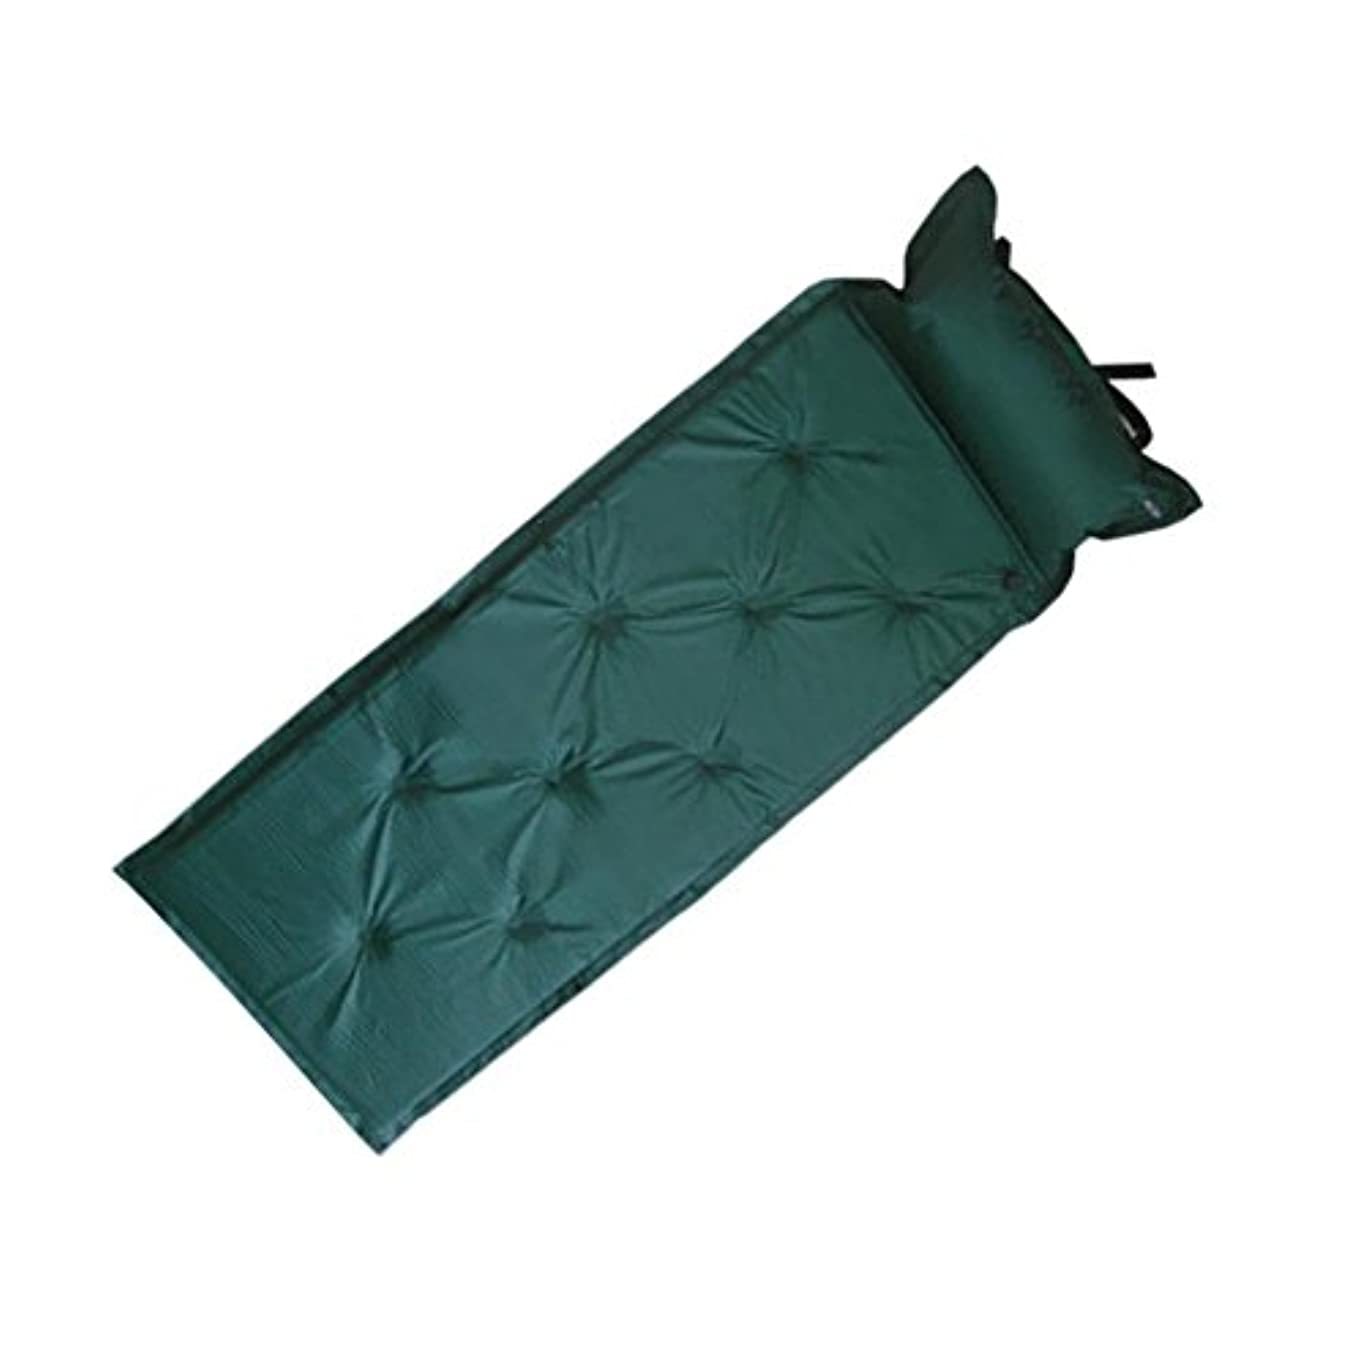 観光に行く野菜なんとなくSUNYU® 自己膨張型睡眠パッド、キャンプ用マット付属枕付き折り畳み式テント空気マットレスアウトドアアクティビティのためのインフレータブル?ラウンジャーソファベッド(グリーン)